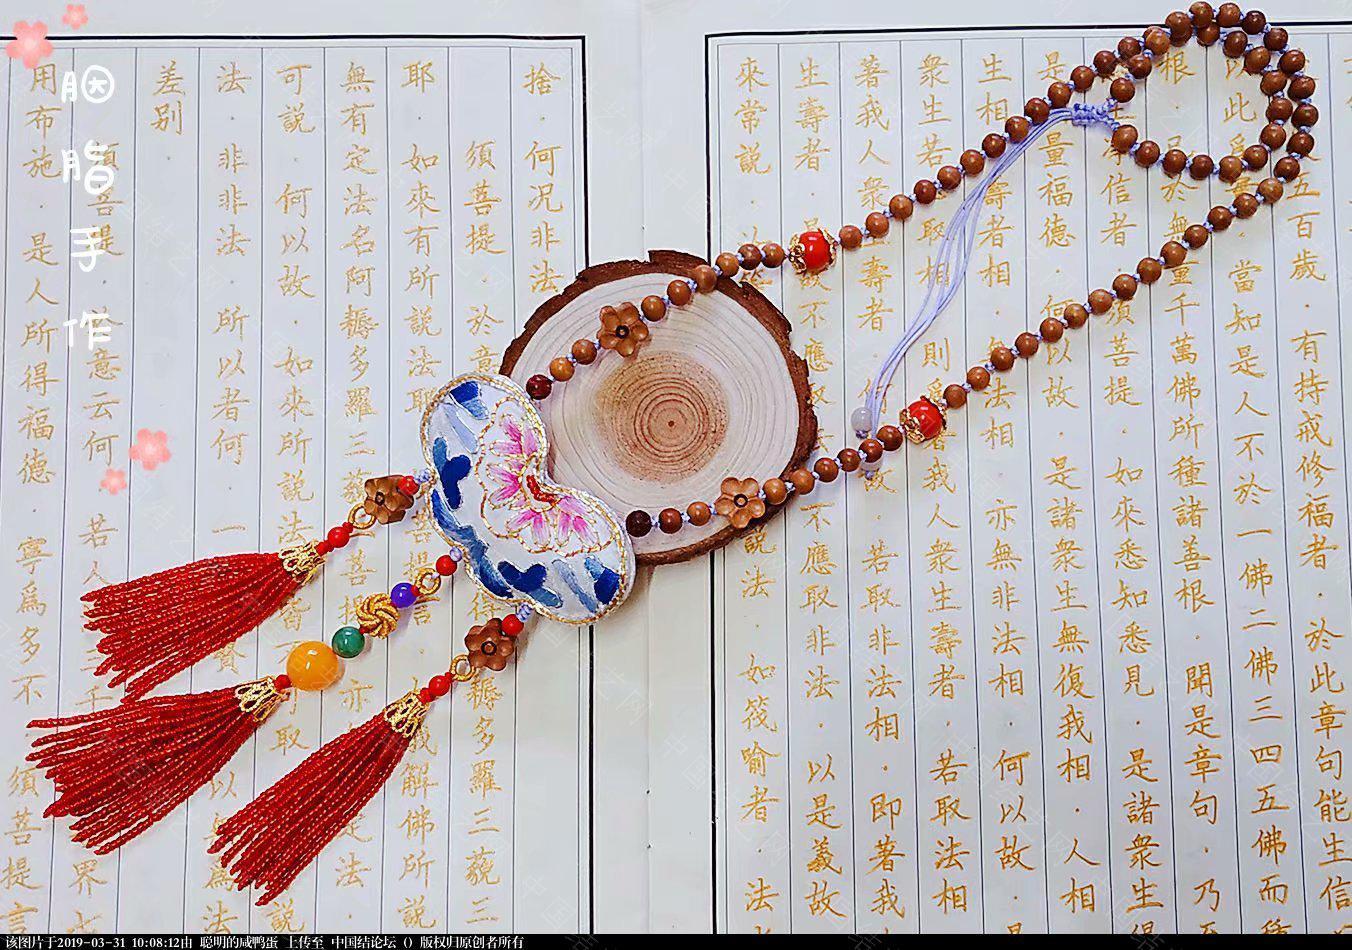 中国结论坛 参赛作品——青萝拂衣 苏绣香囊项链 青萝拂衣的小说,青萝拂衣,青萝拂衣长相思,青萝拂衣一雨 作品展示 100544ya4pppp4anjxogzr